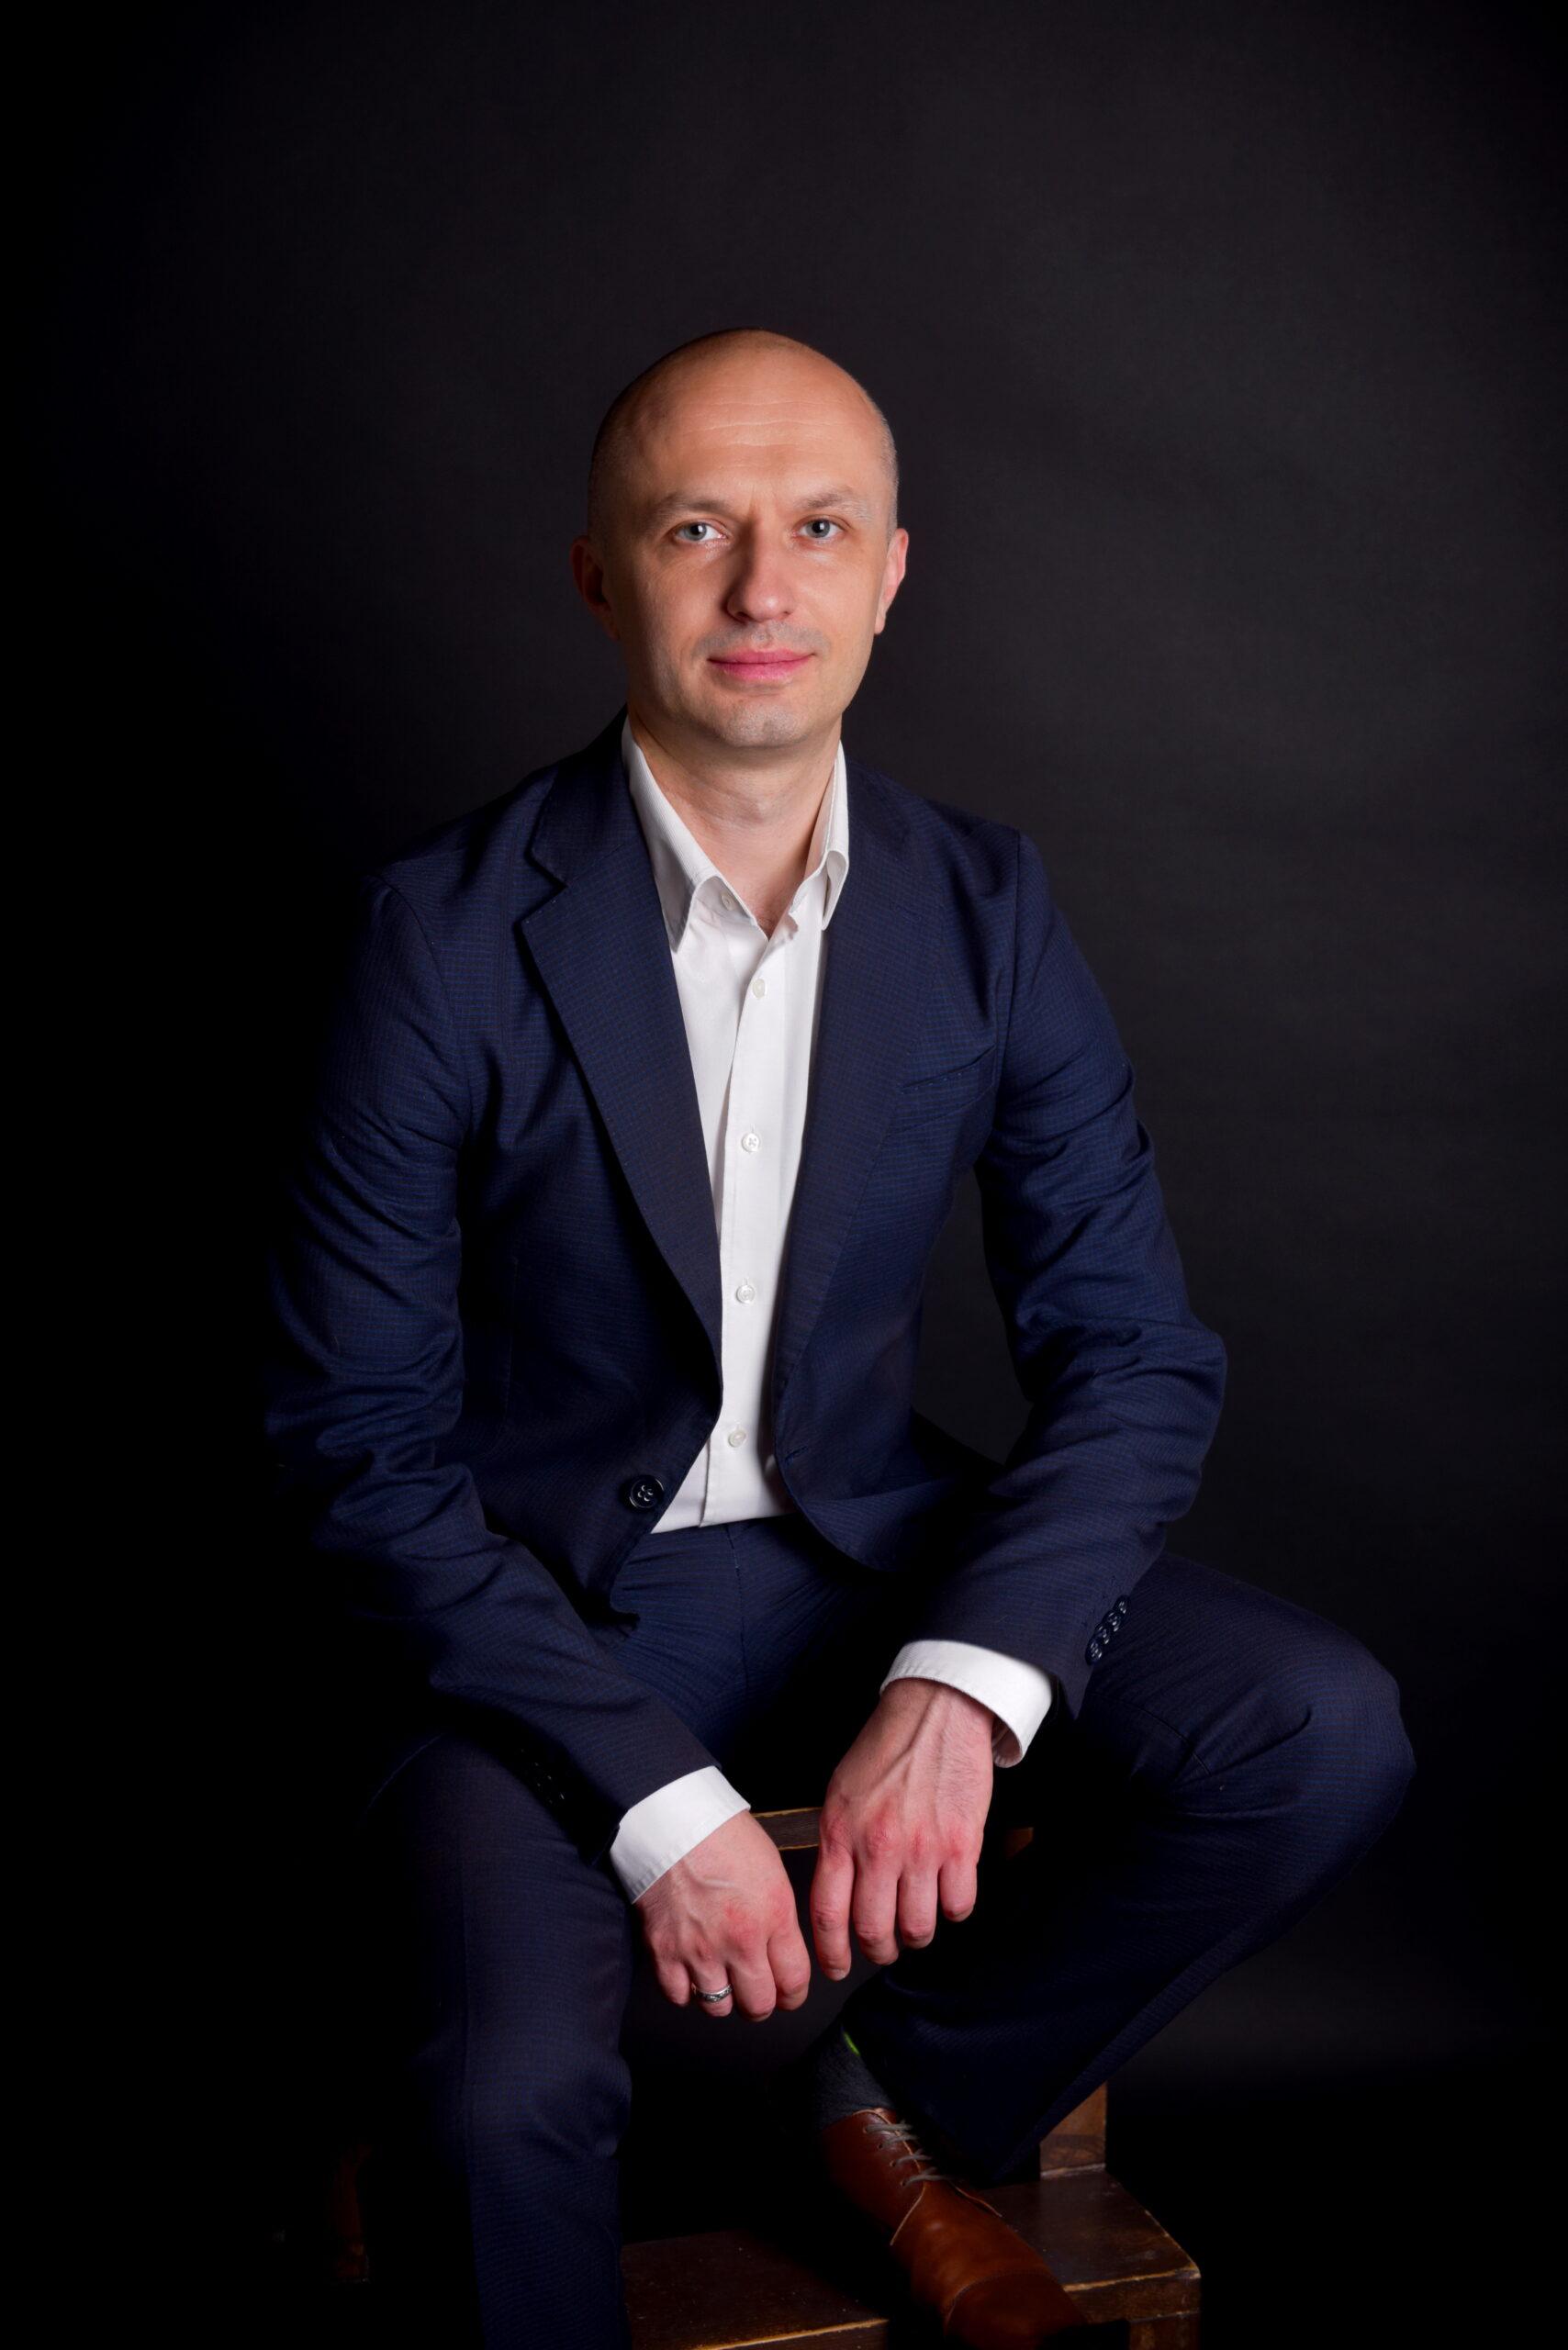 Етика адвоката Олександра Пенькова